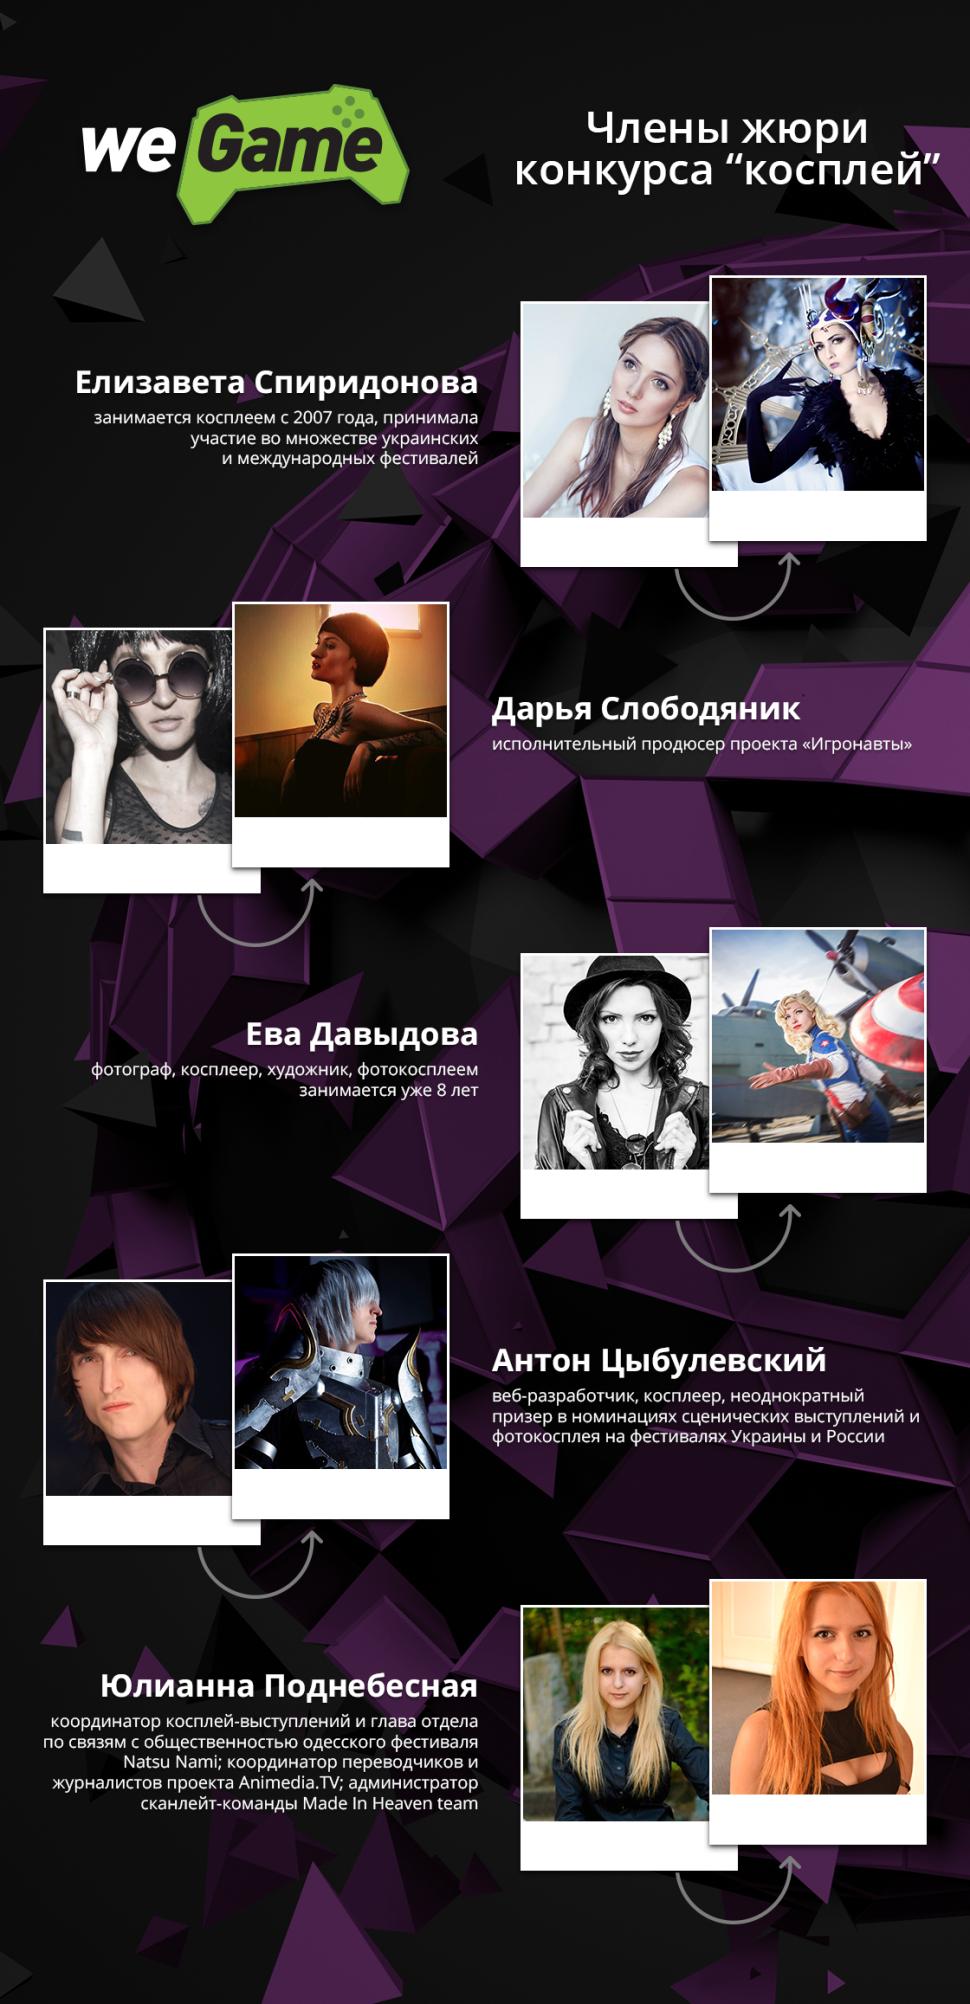 Судьба косплей-шоу – в руках судей WeGame: интервью с членами жюри